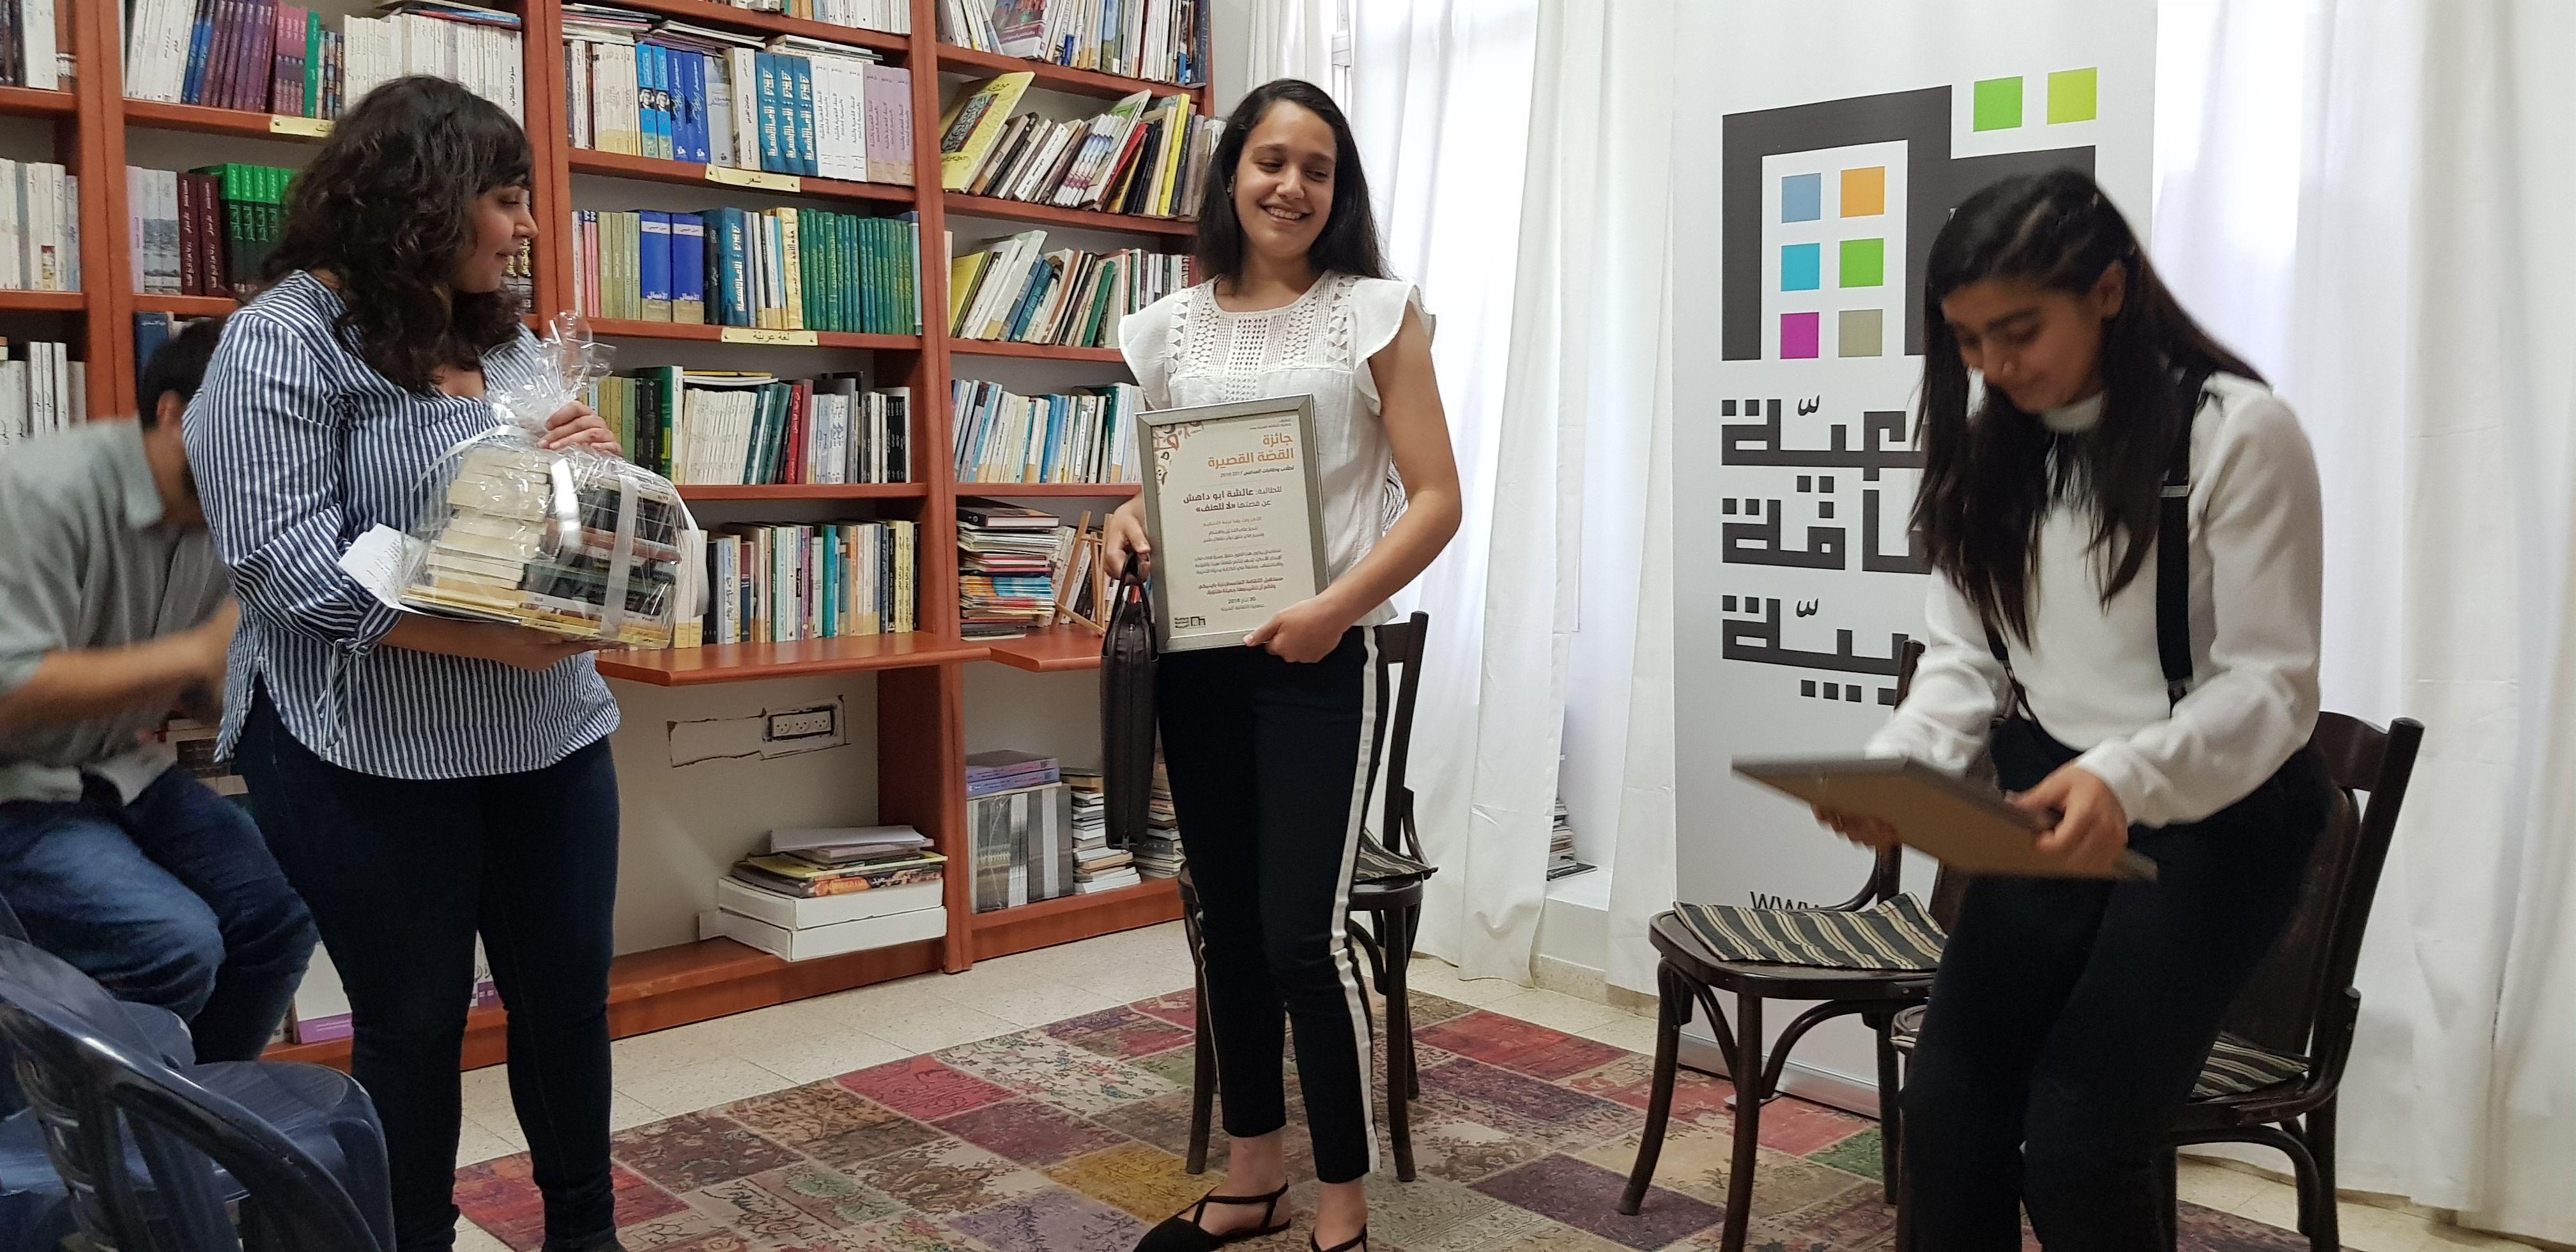 جمعيّة الثقافة العربيّة تحتفي بالطالبات الفائزات بمسابقة القصّة القصيرة